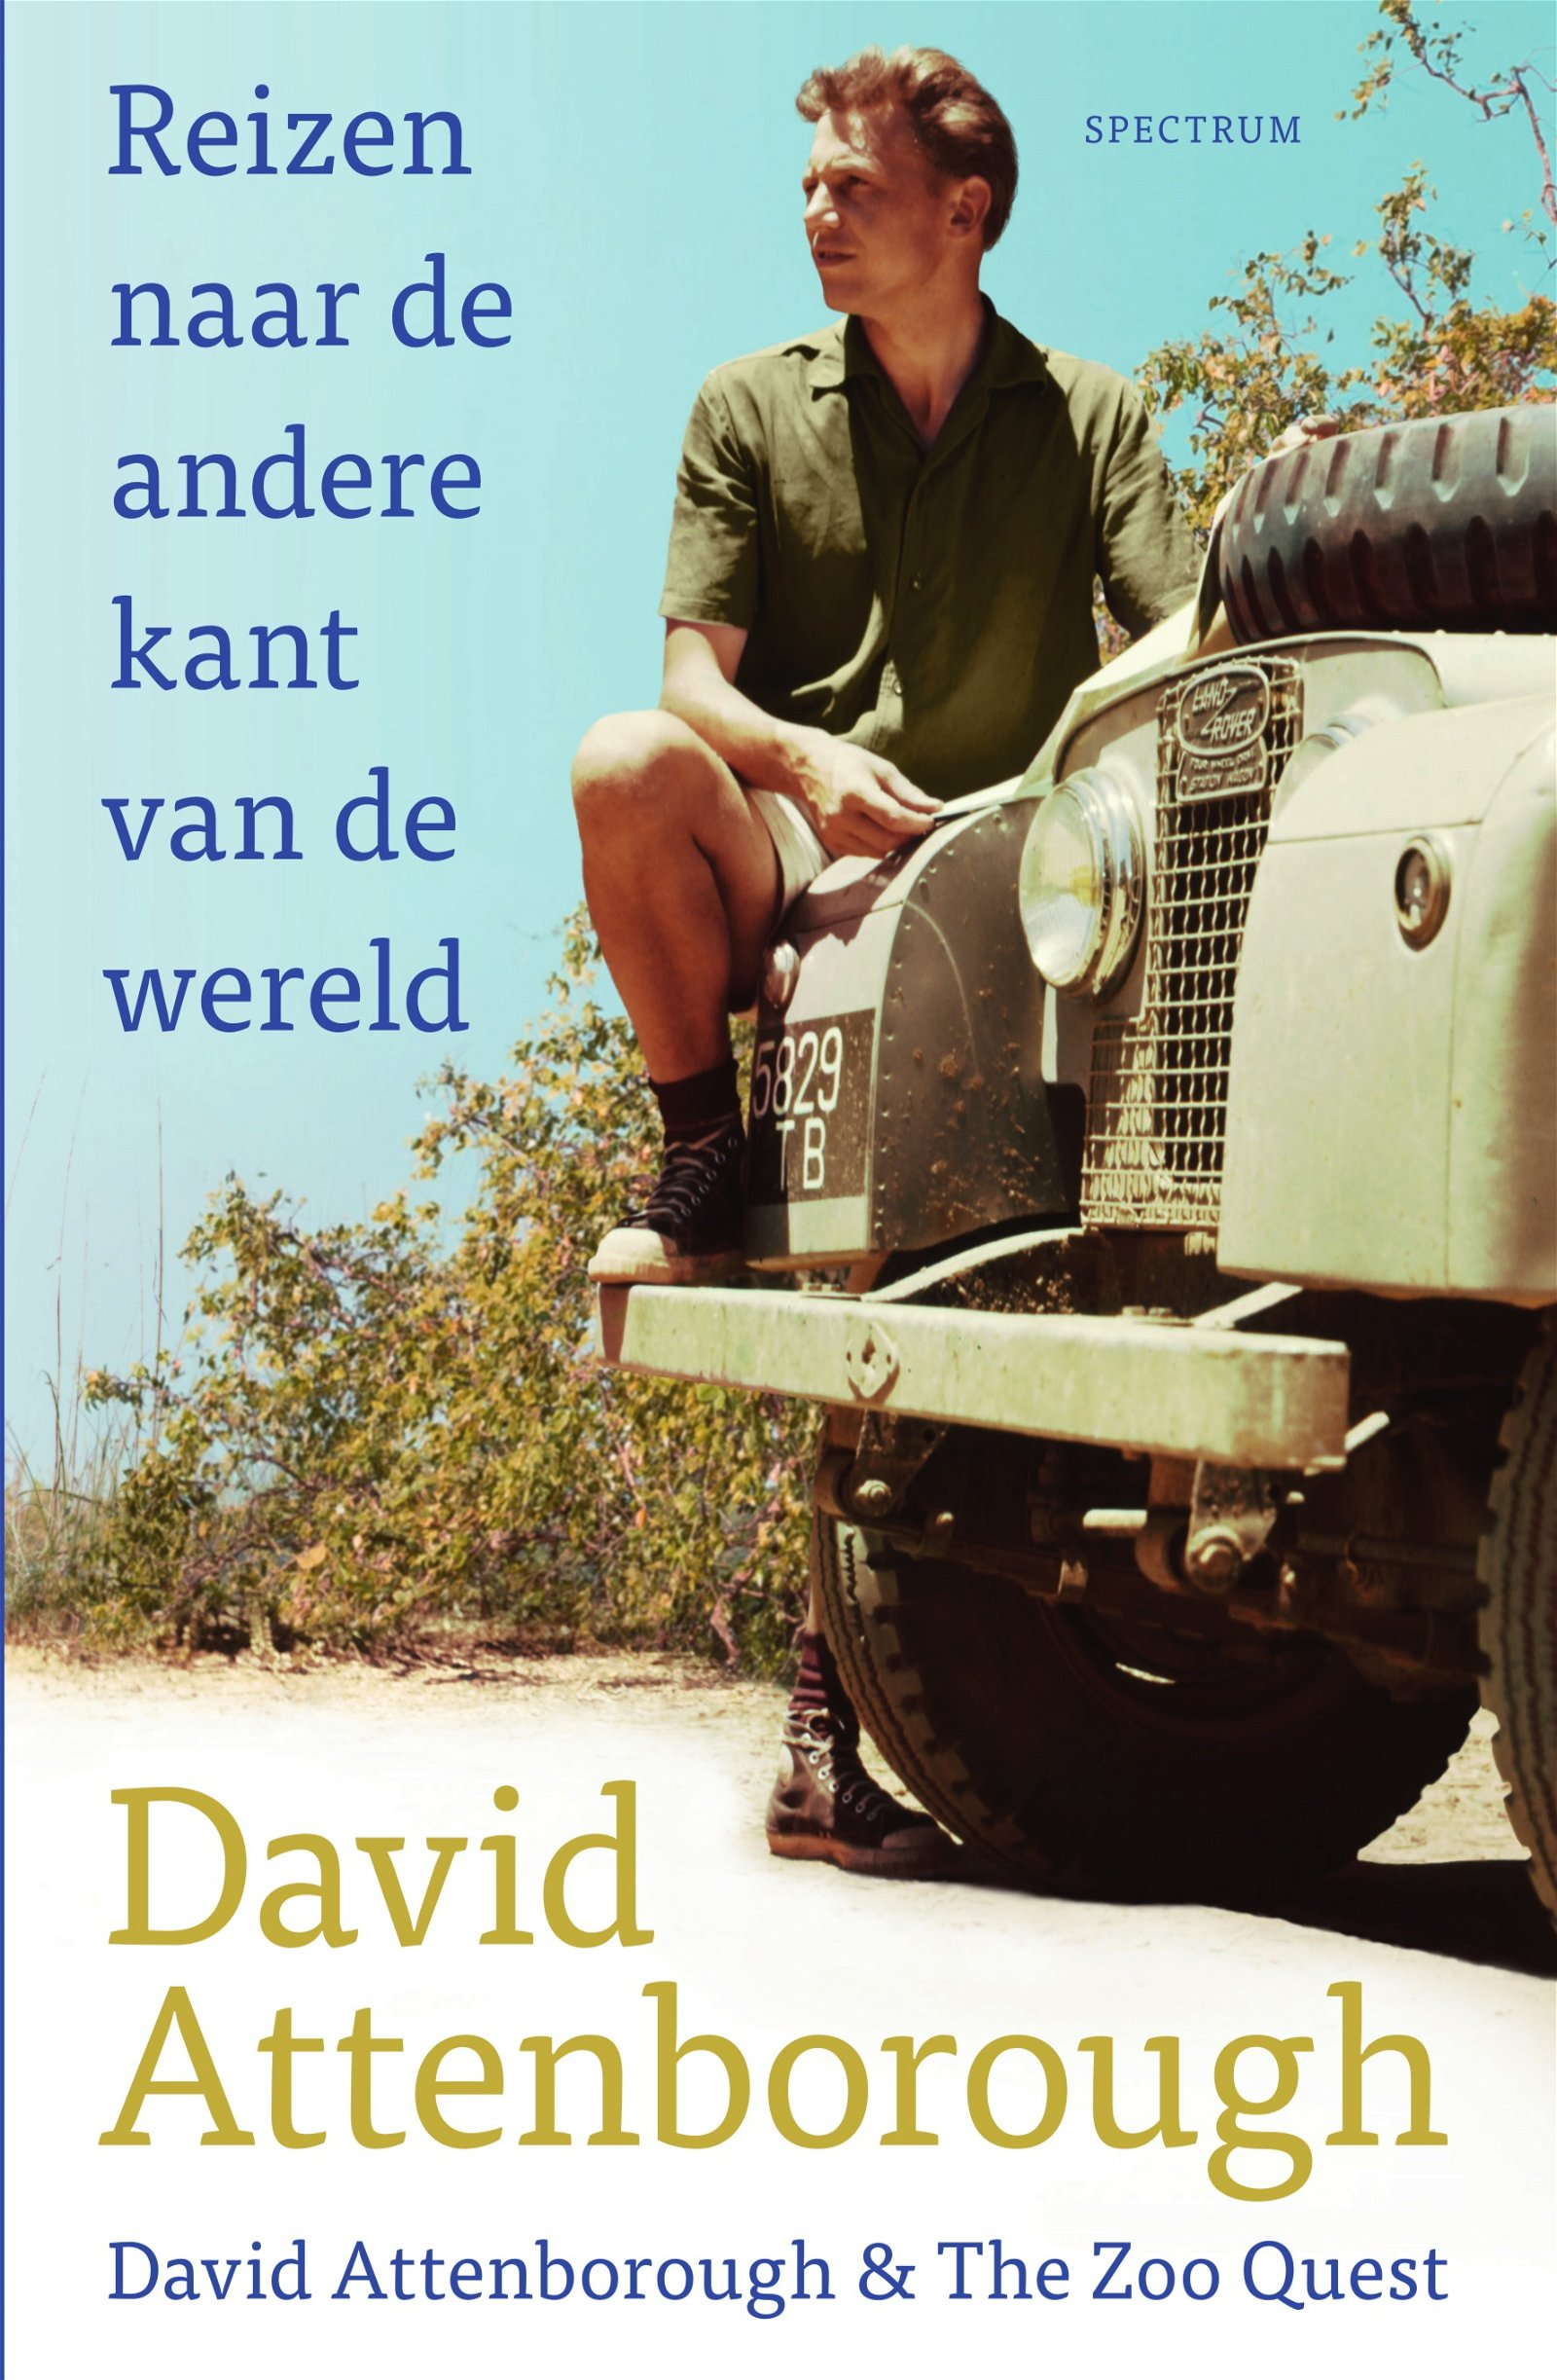 Reizen naar de andere kant van de wereld | David Attenborough 9789000366057 David Attenborough Spectrum   Cadeau-artikelen, Natuurgidsen, Reisverhalen Wereld als geheel